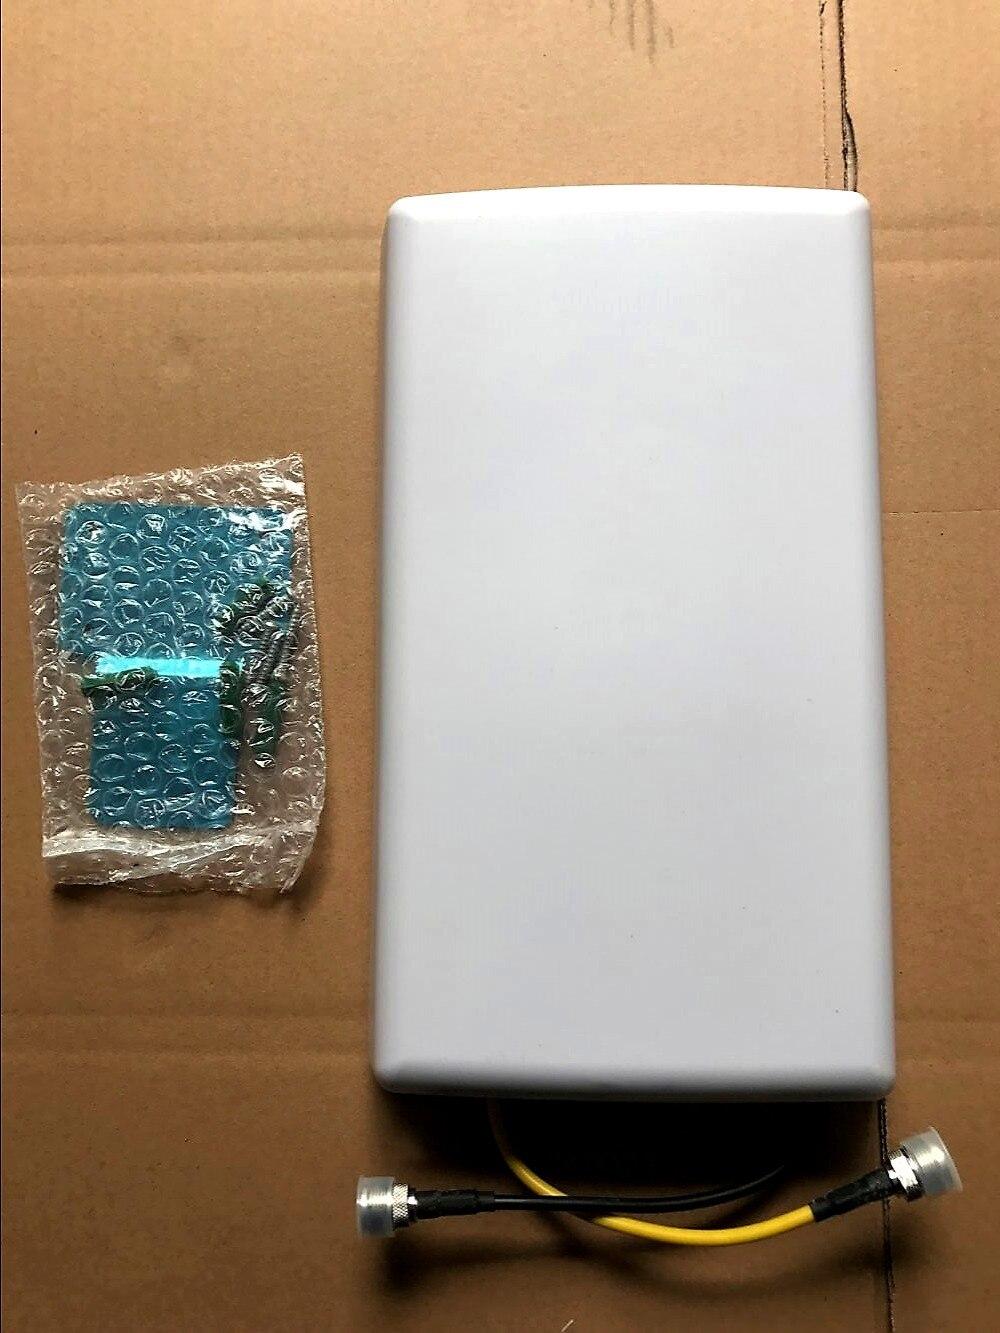 Intérieur 2x2 Mimo 3G 4G LTE Antenne Panneau 880-2700 MHz Large Bande MIMO Panneau Antenne